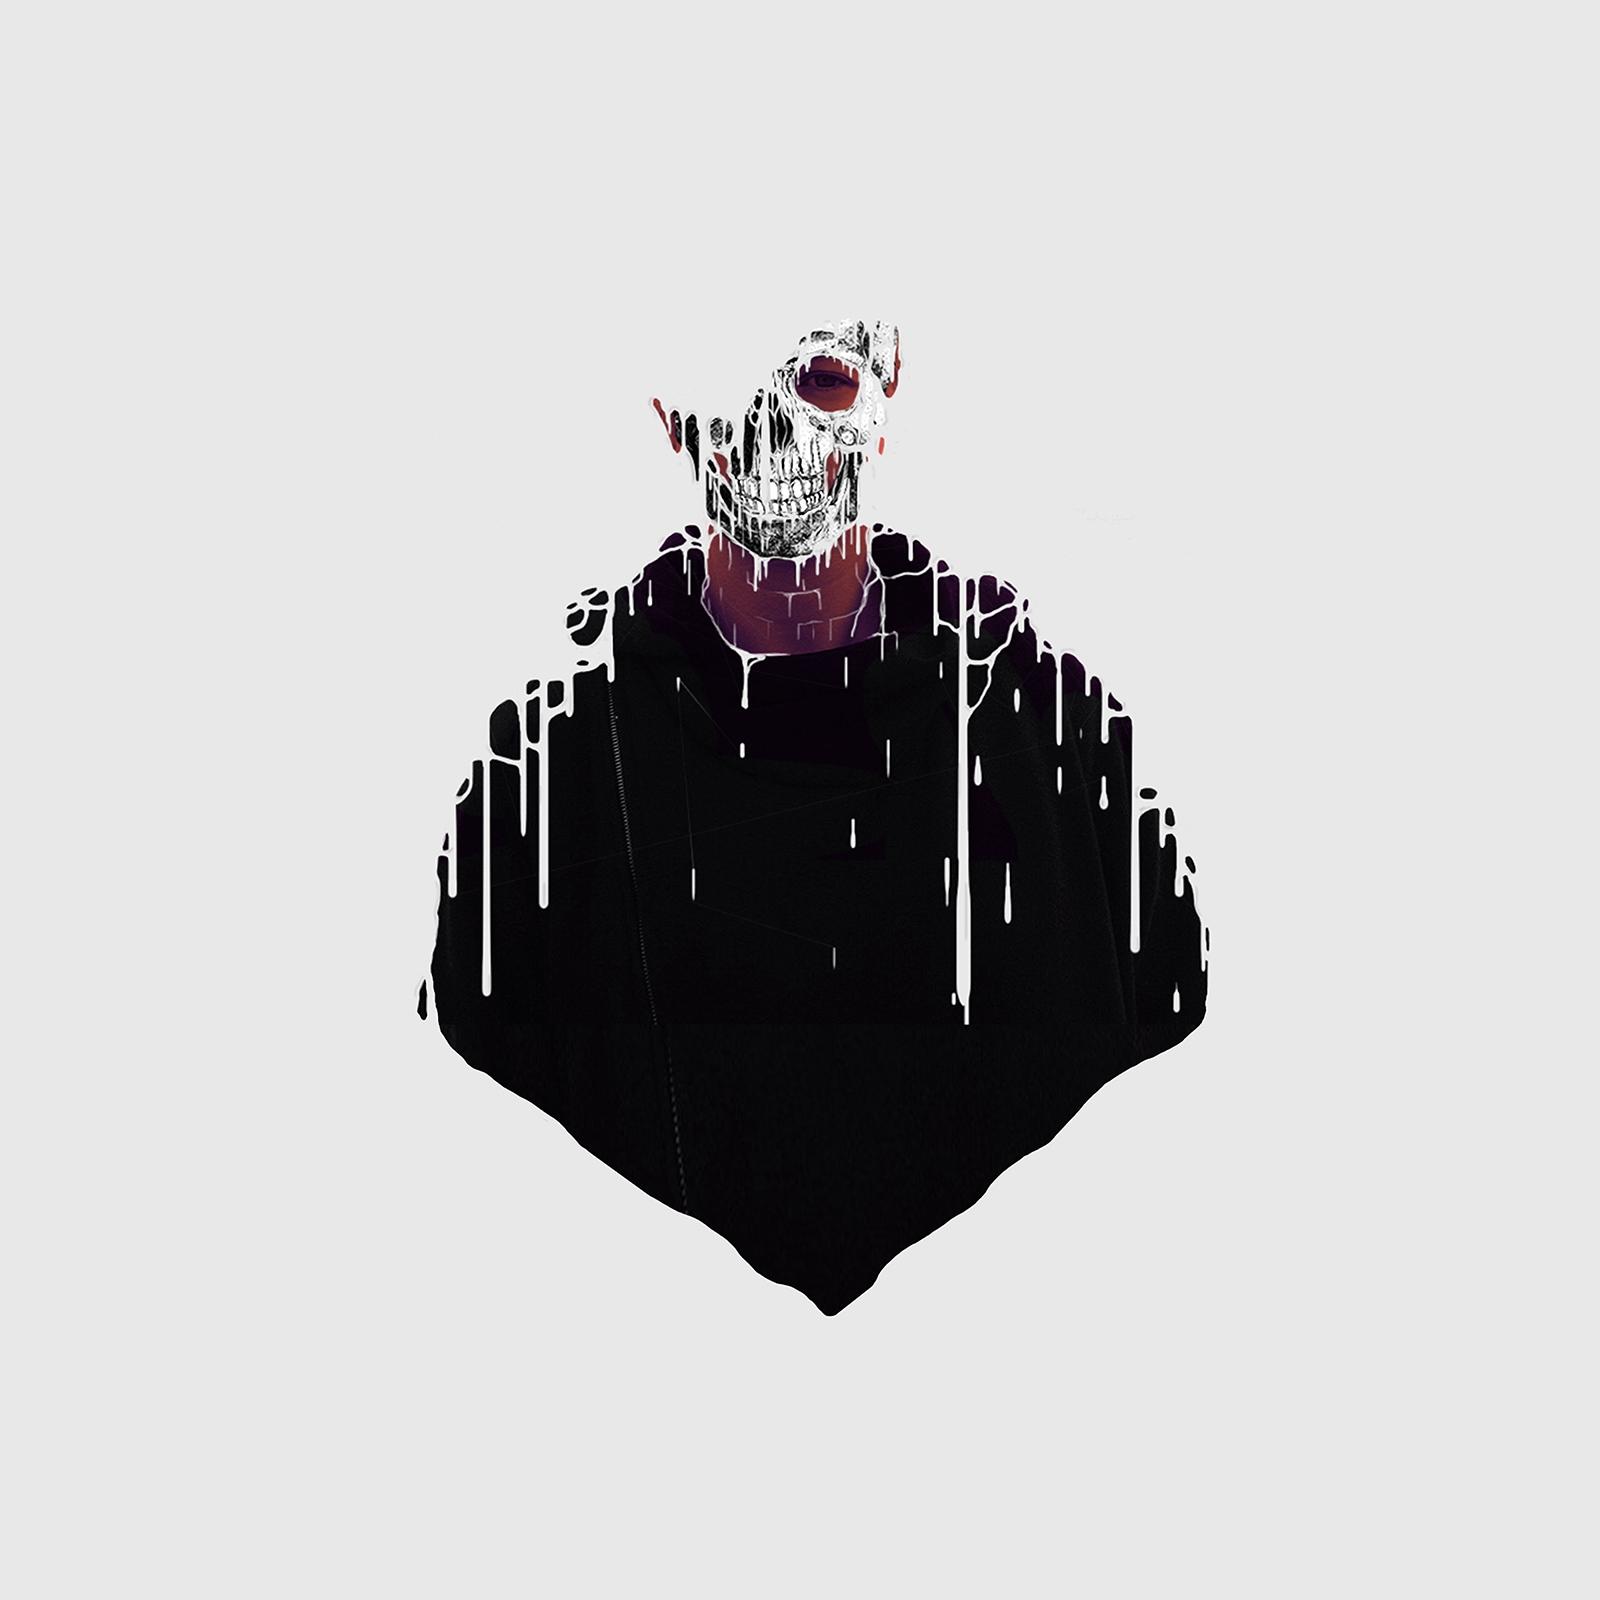 Joana Arieiro Face melting with skull illustration